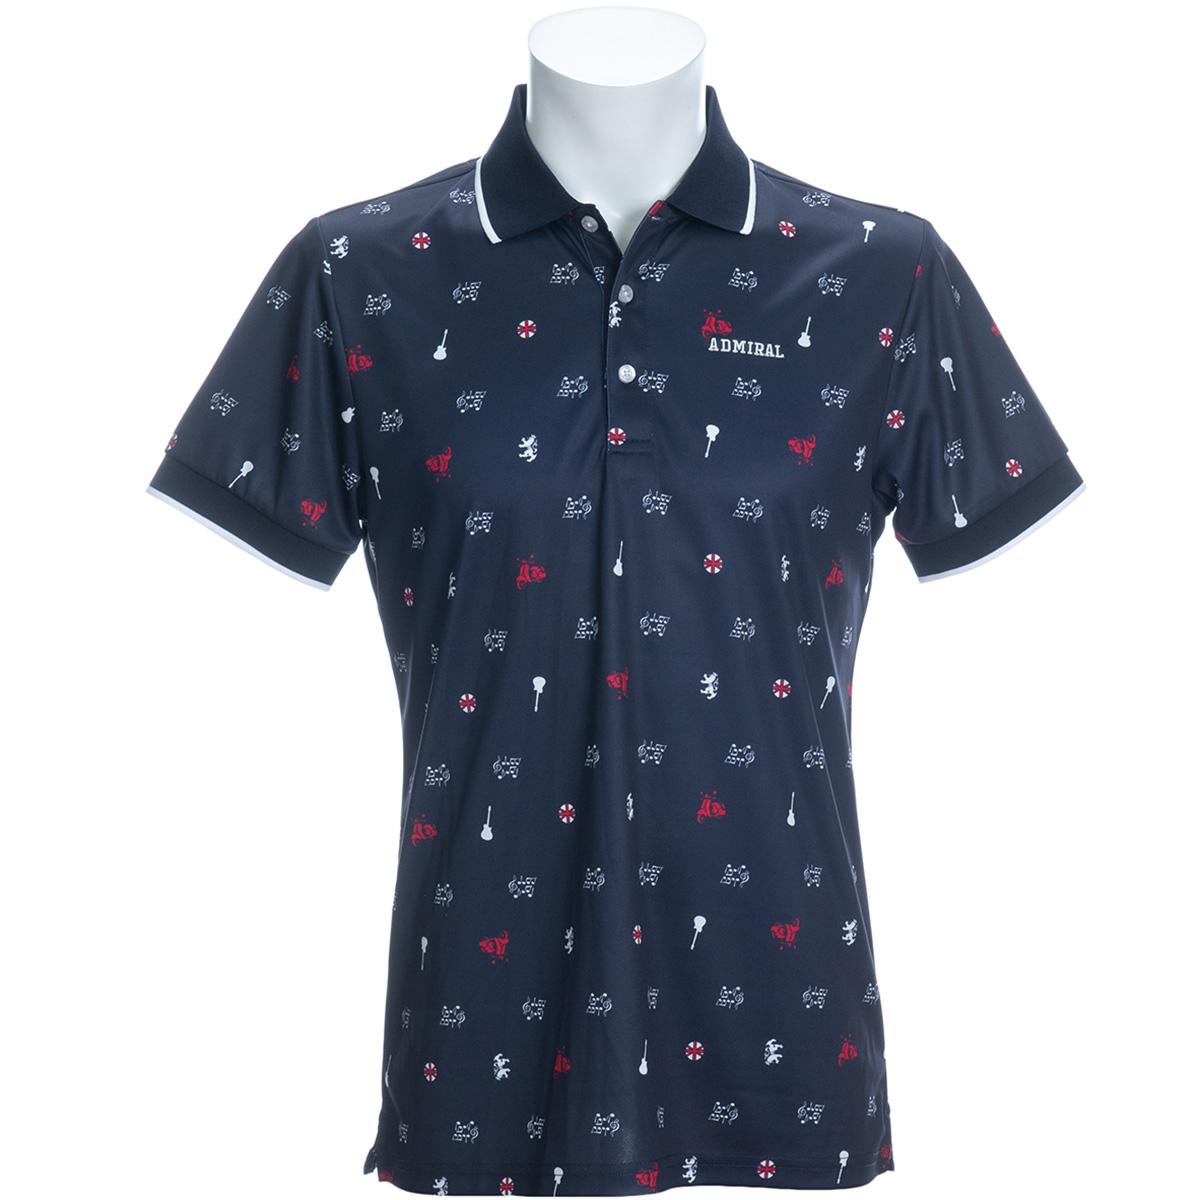 アイコン総柄 半袖ポロシャツ